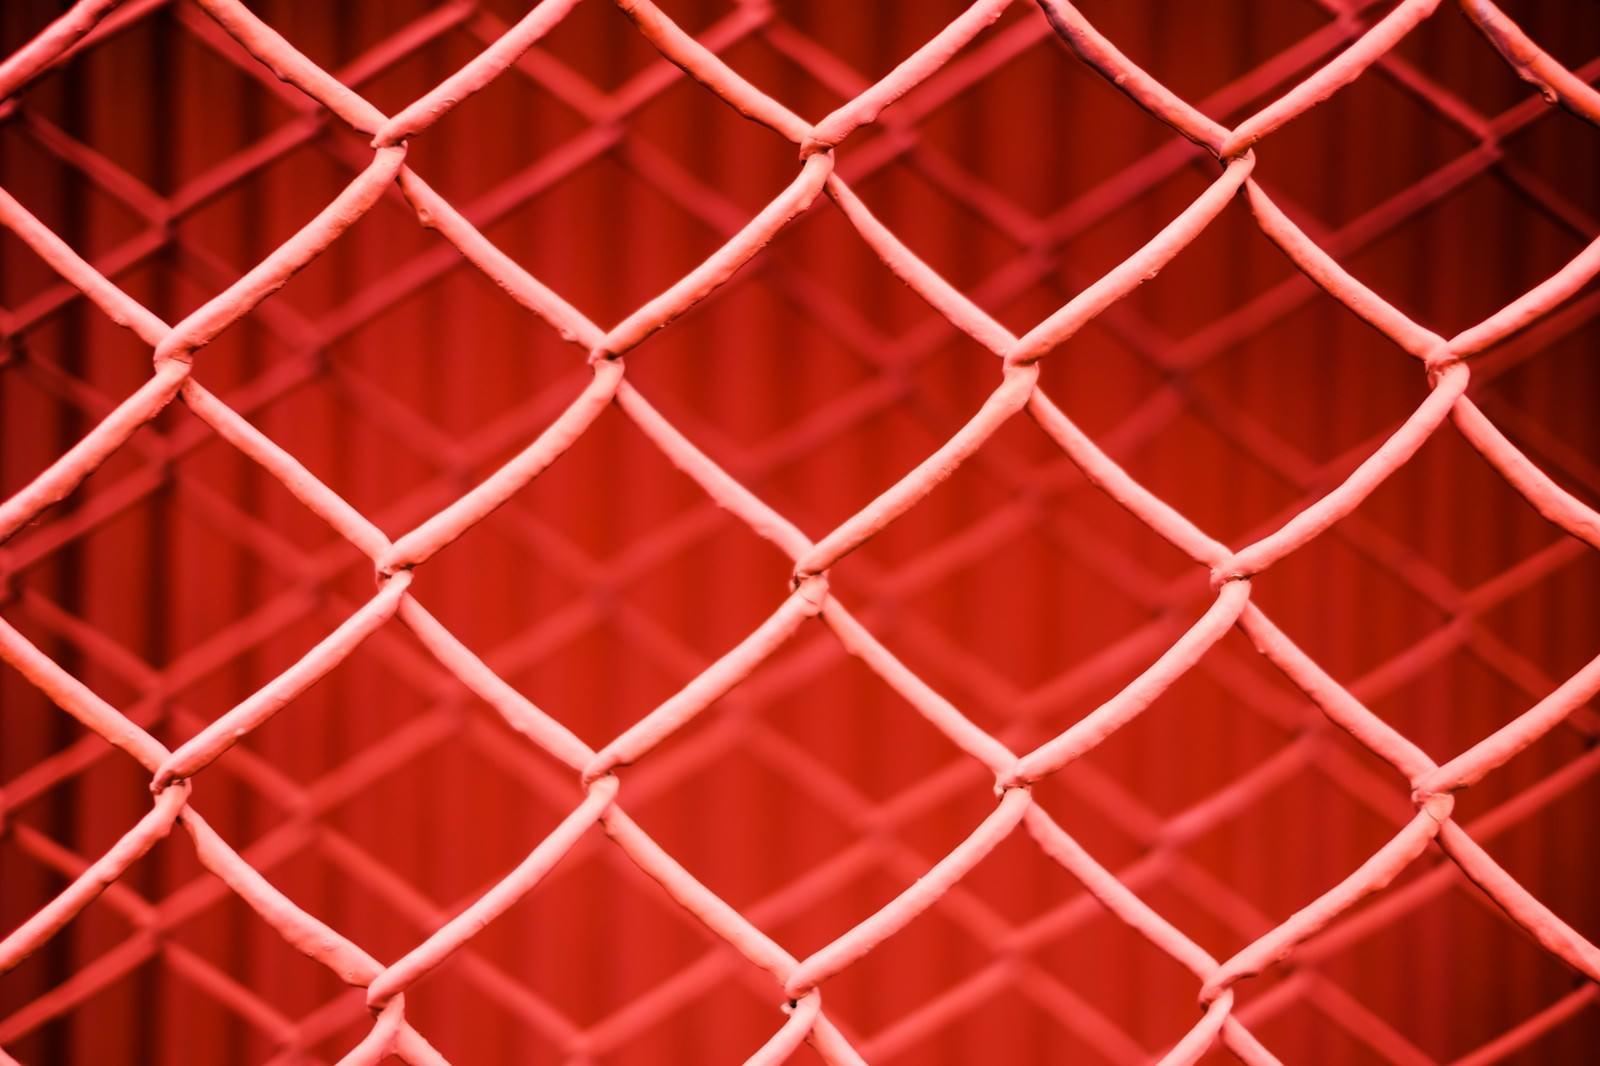 「重なった金網フェンス(赤)重なった金網フェンス(赤)」のフリー写真素材を拡大